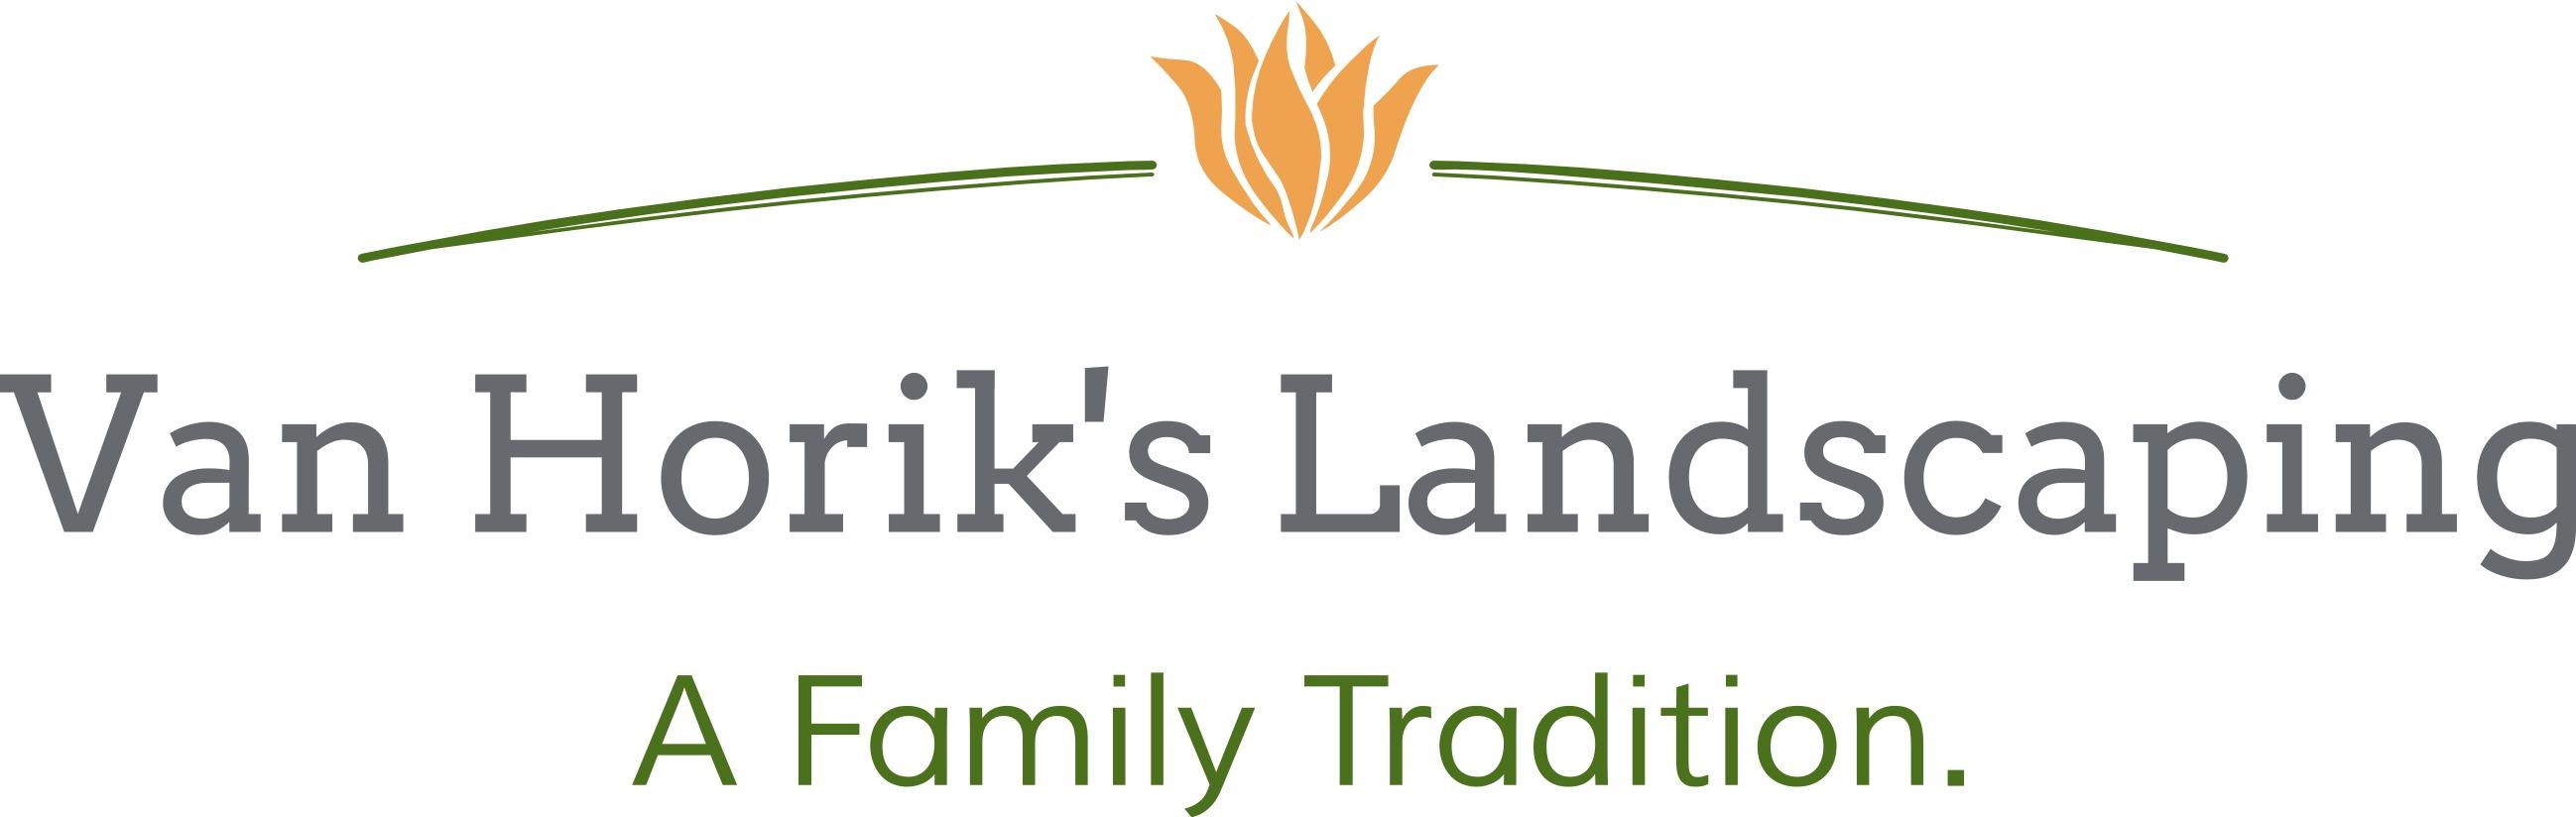 Van Horik's Landscaping Inc. logo